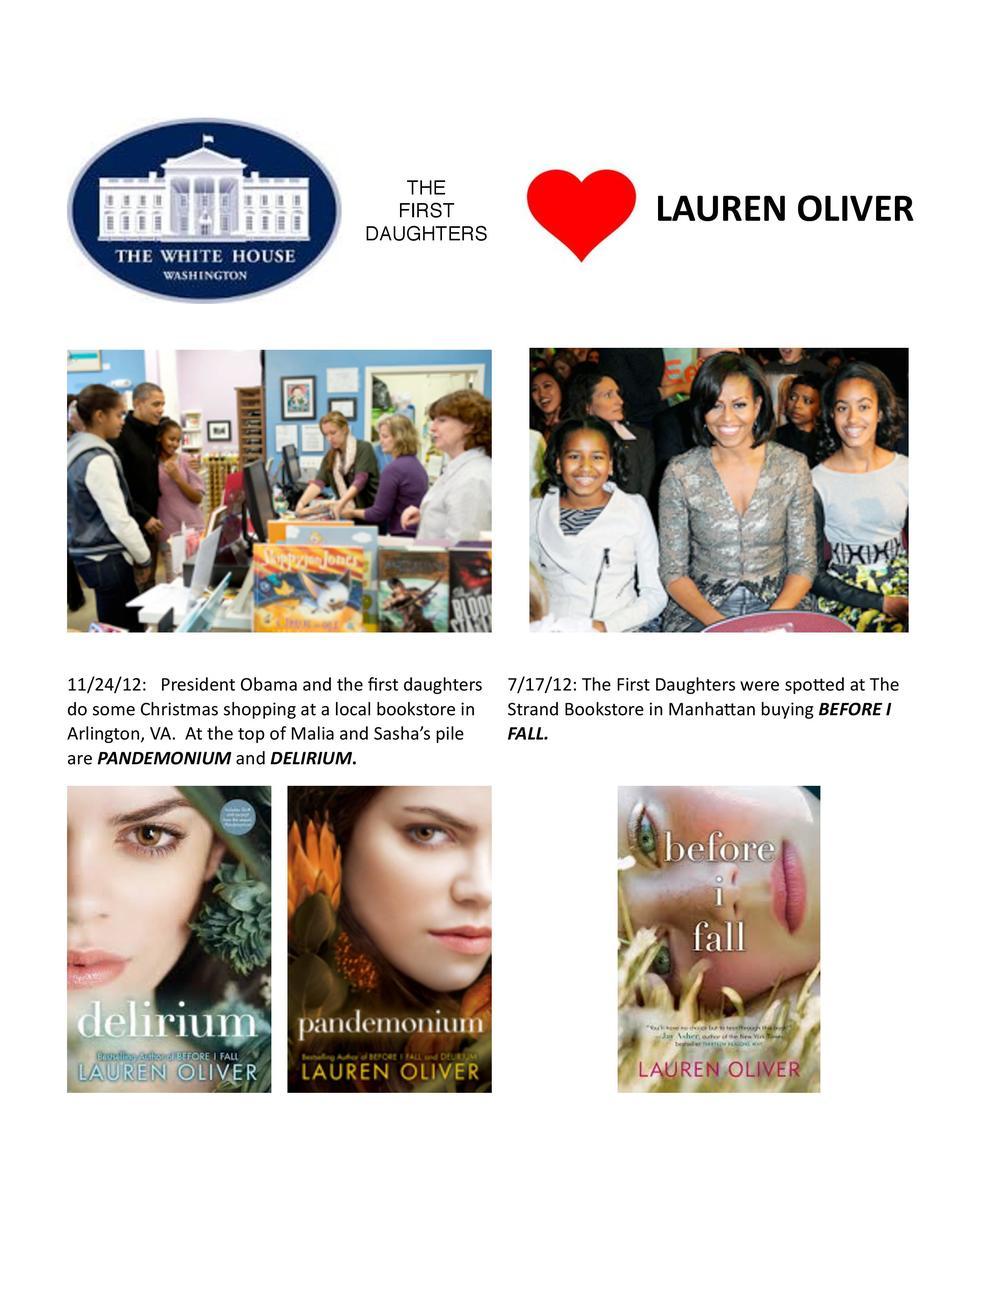 LaurenOliverWhiteHouseFirstDaughters.jpg